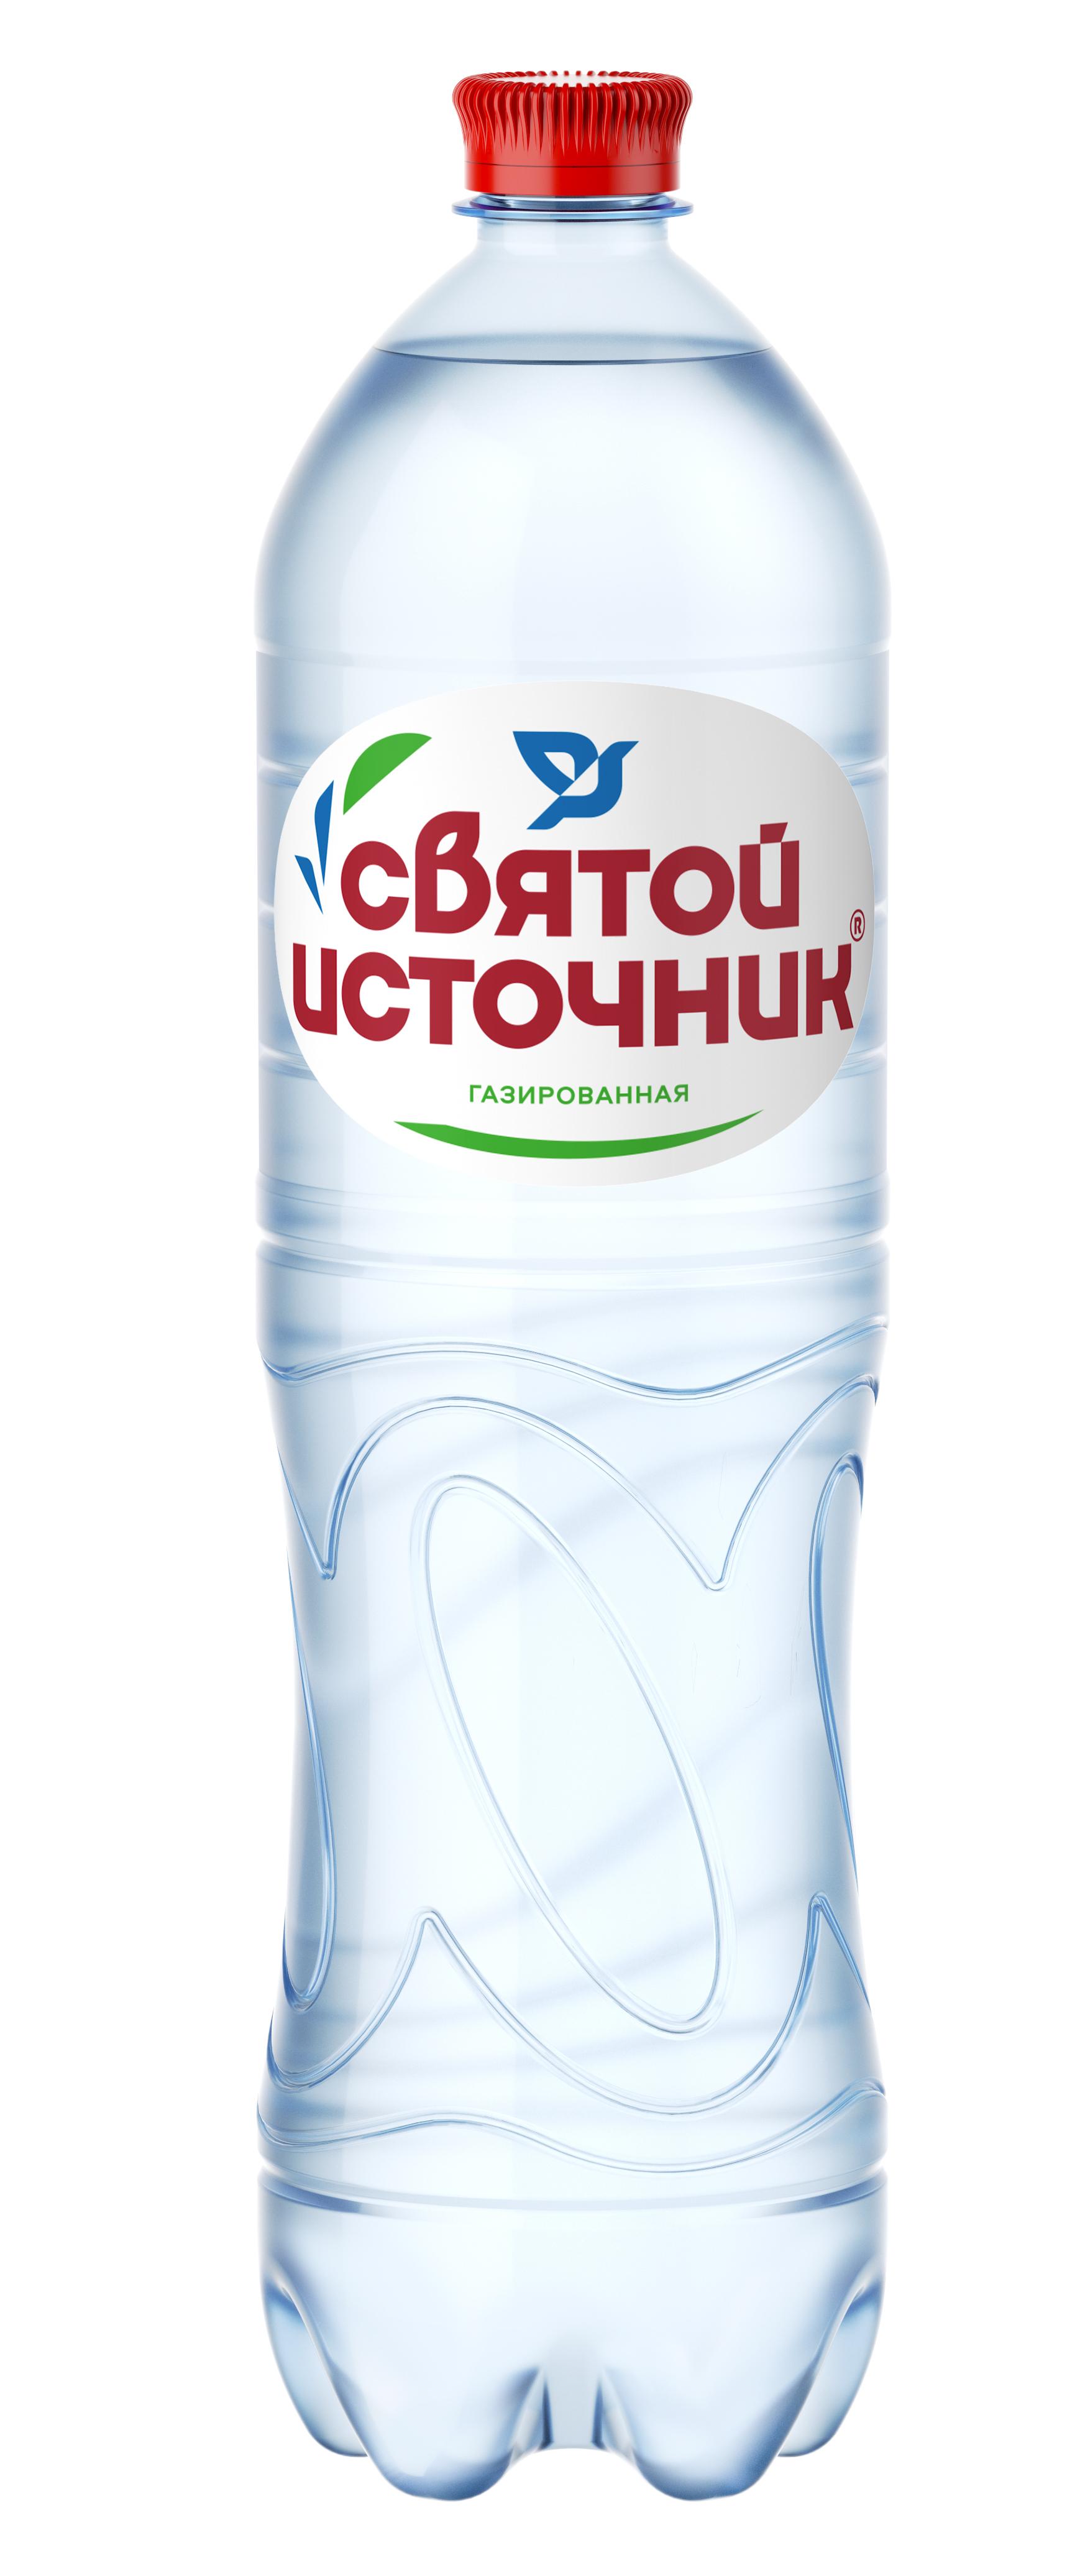 Вода газированная Святой Источник 1.5 л.